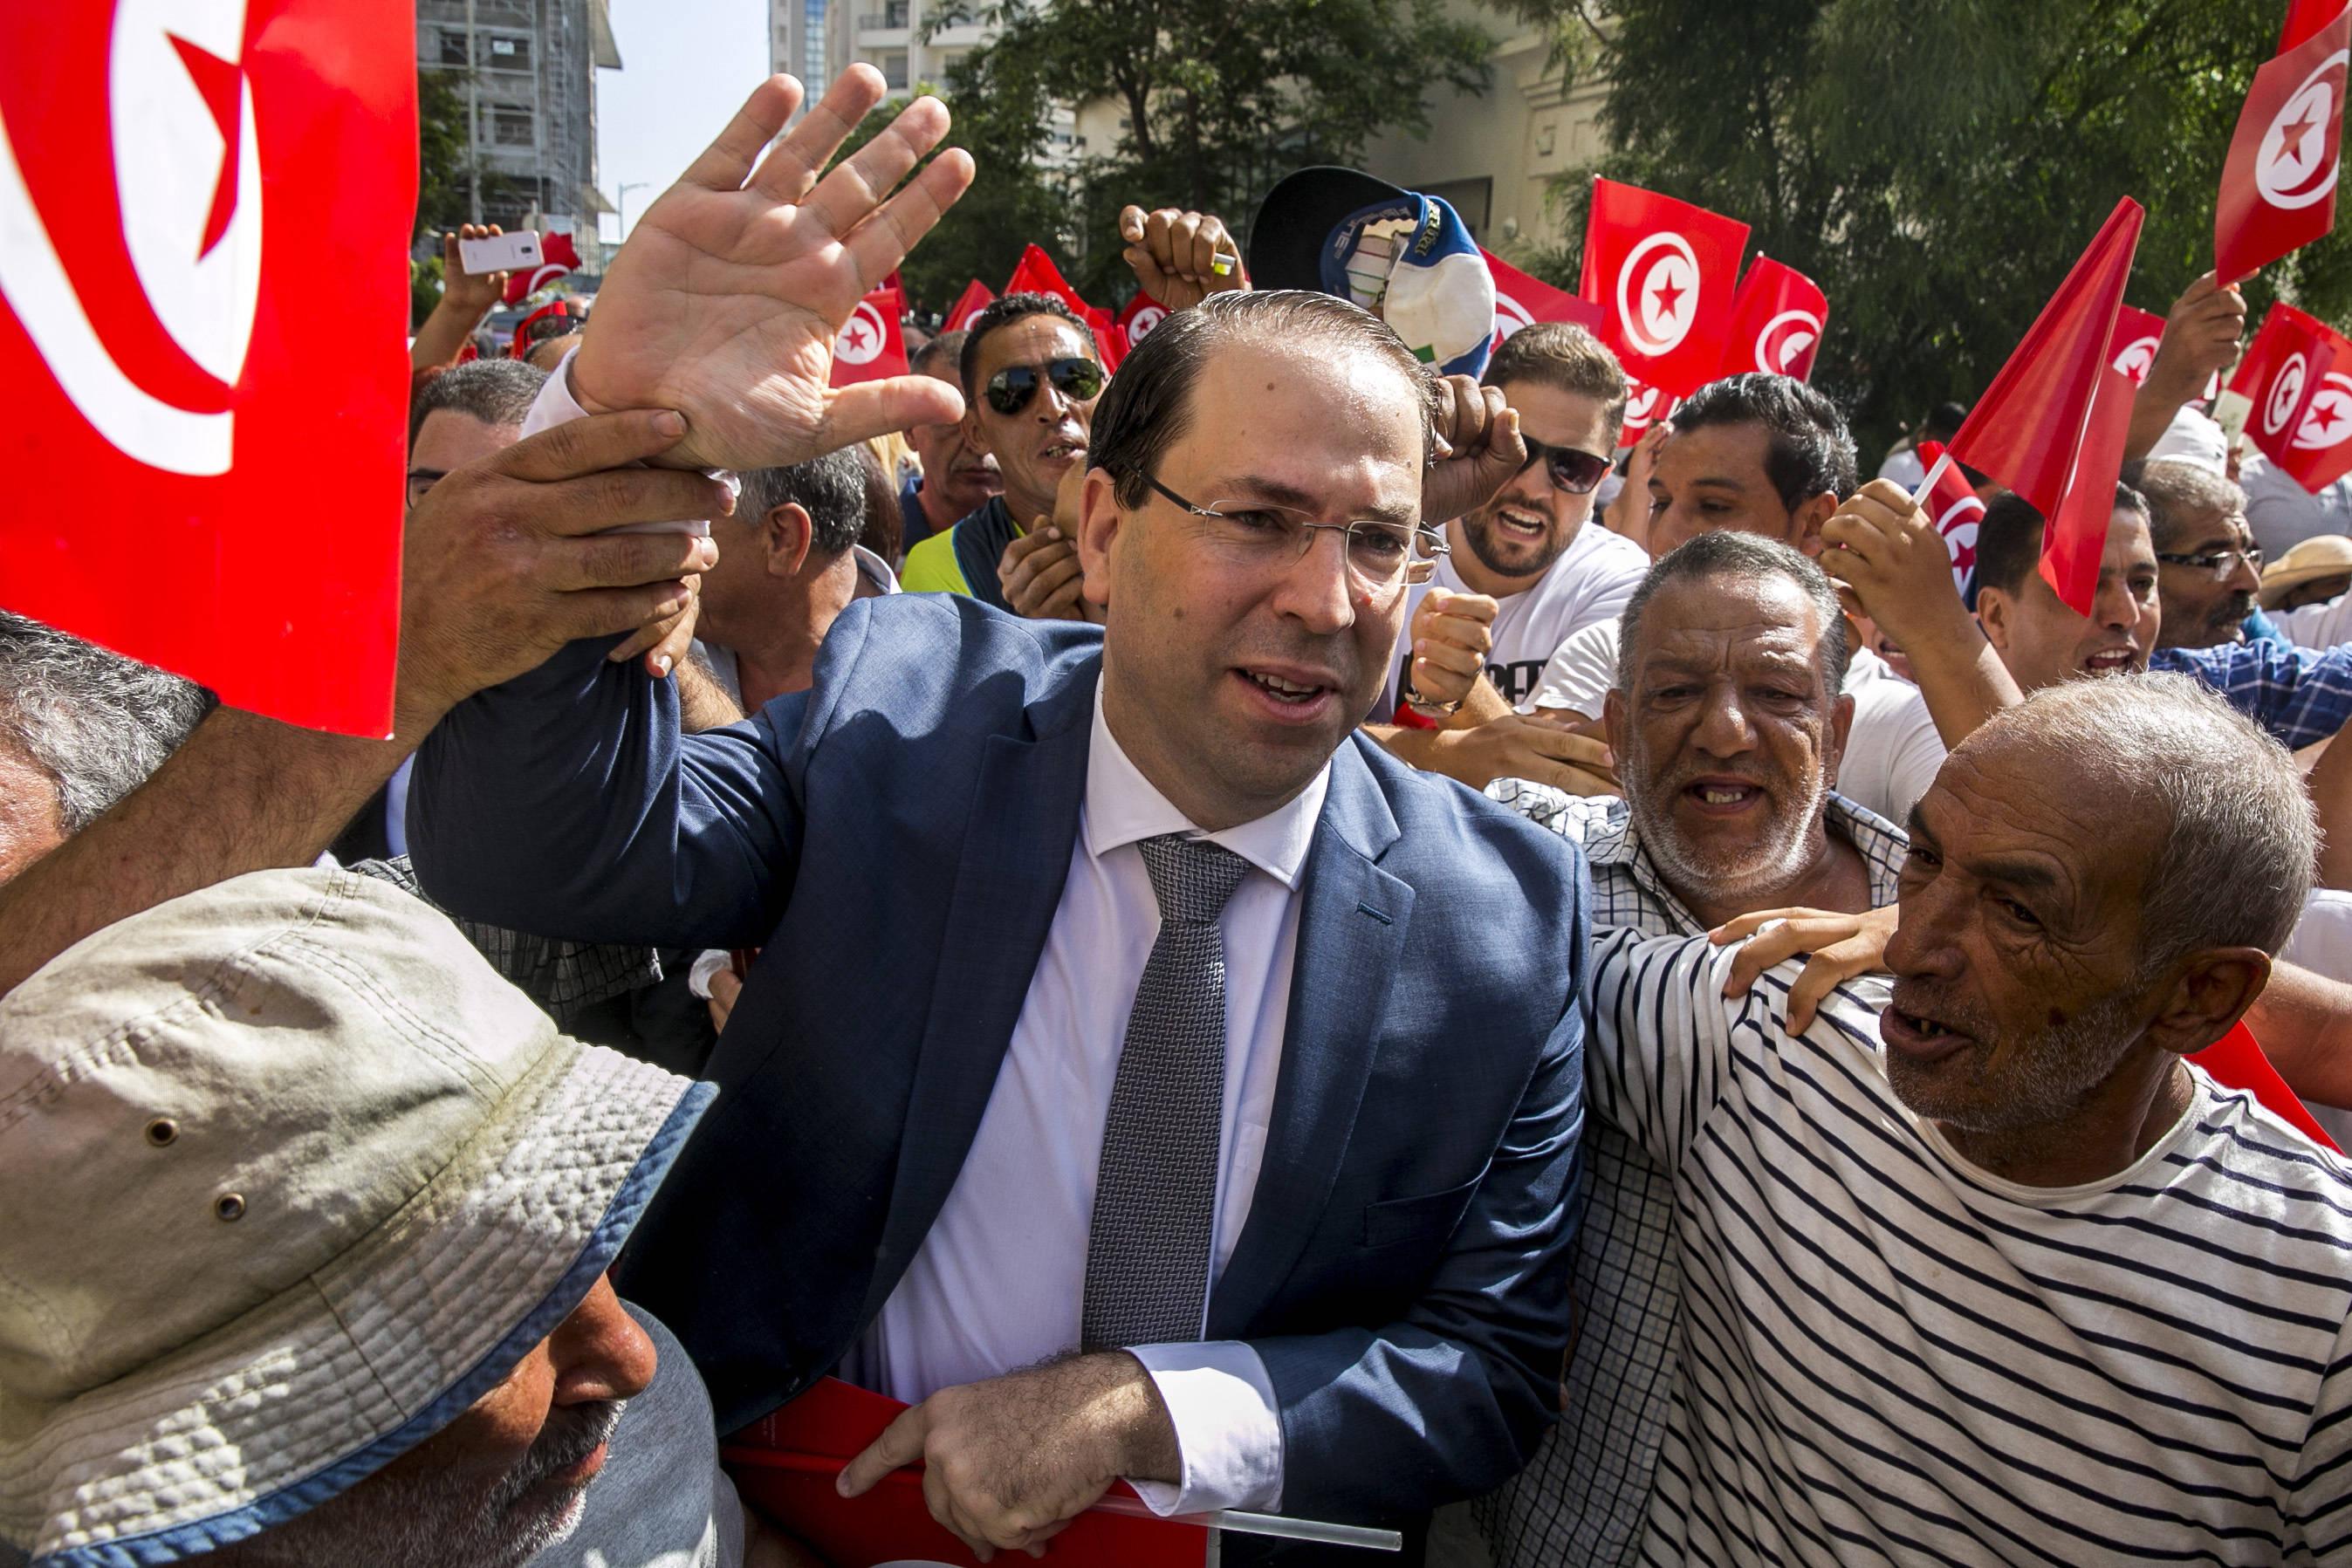 Le chef du gouvernement Youssef Chahed, le jour de son dépôt de candidature à l'élection présidentielle, vendredi 9 août 2019 à Tunis (image d'illustration).